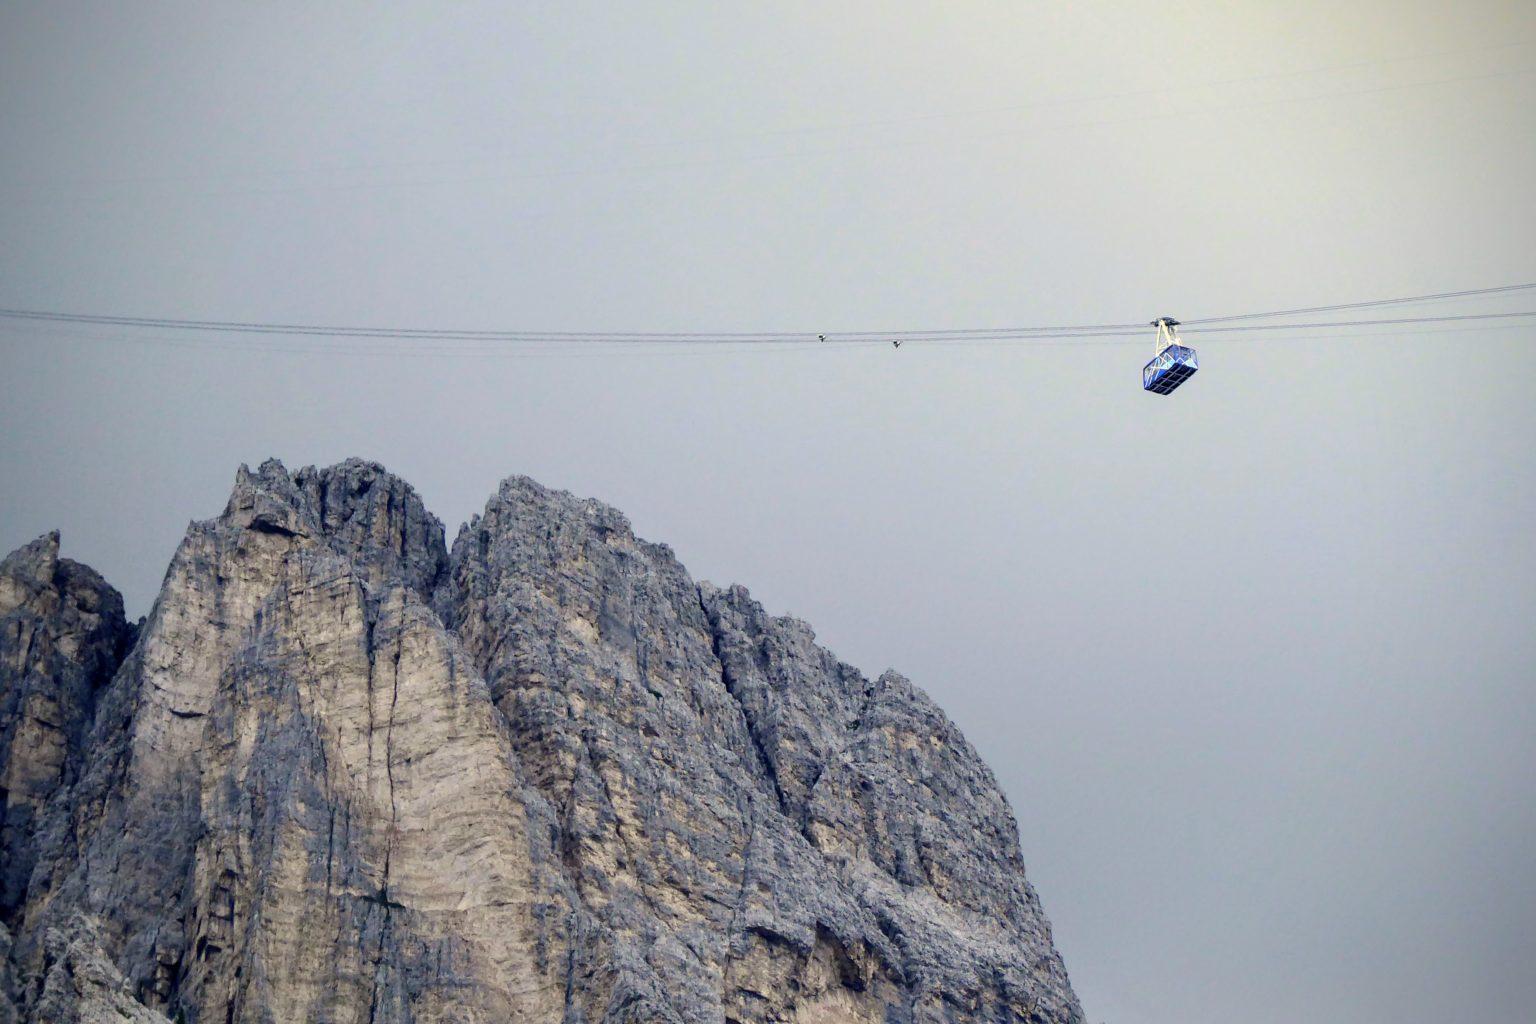 Kolejka górska w Dolomitach